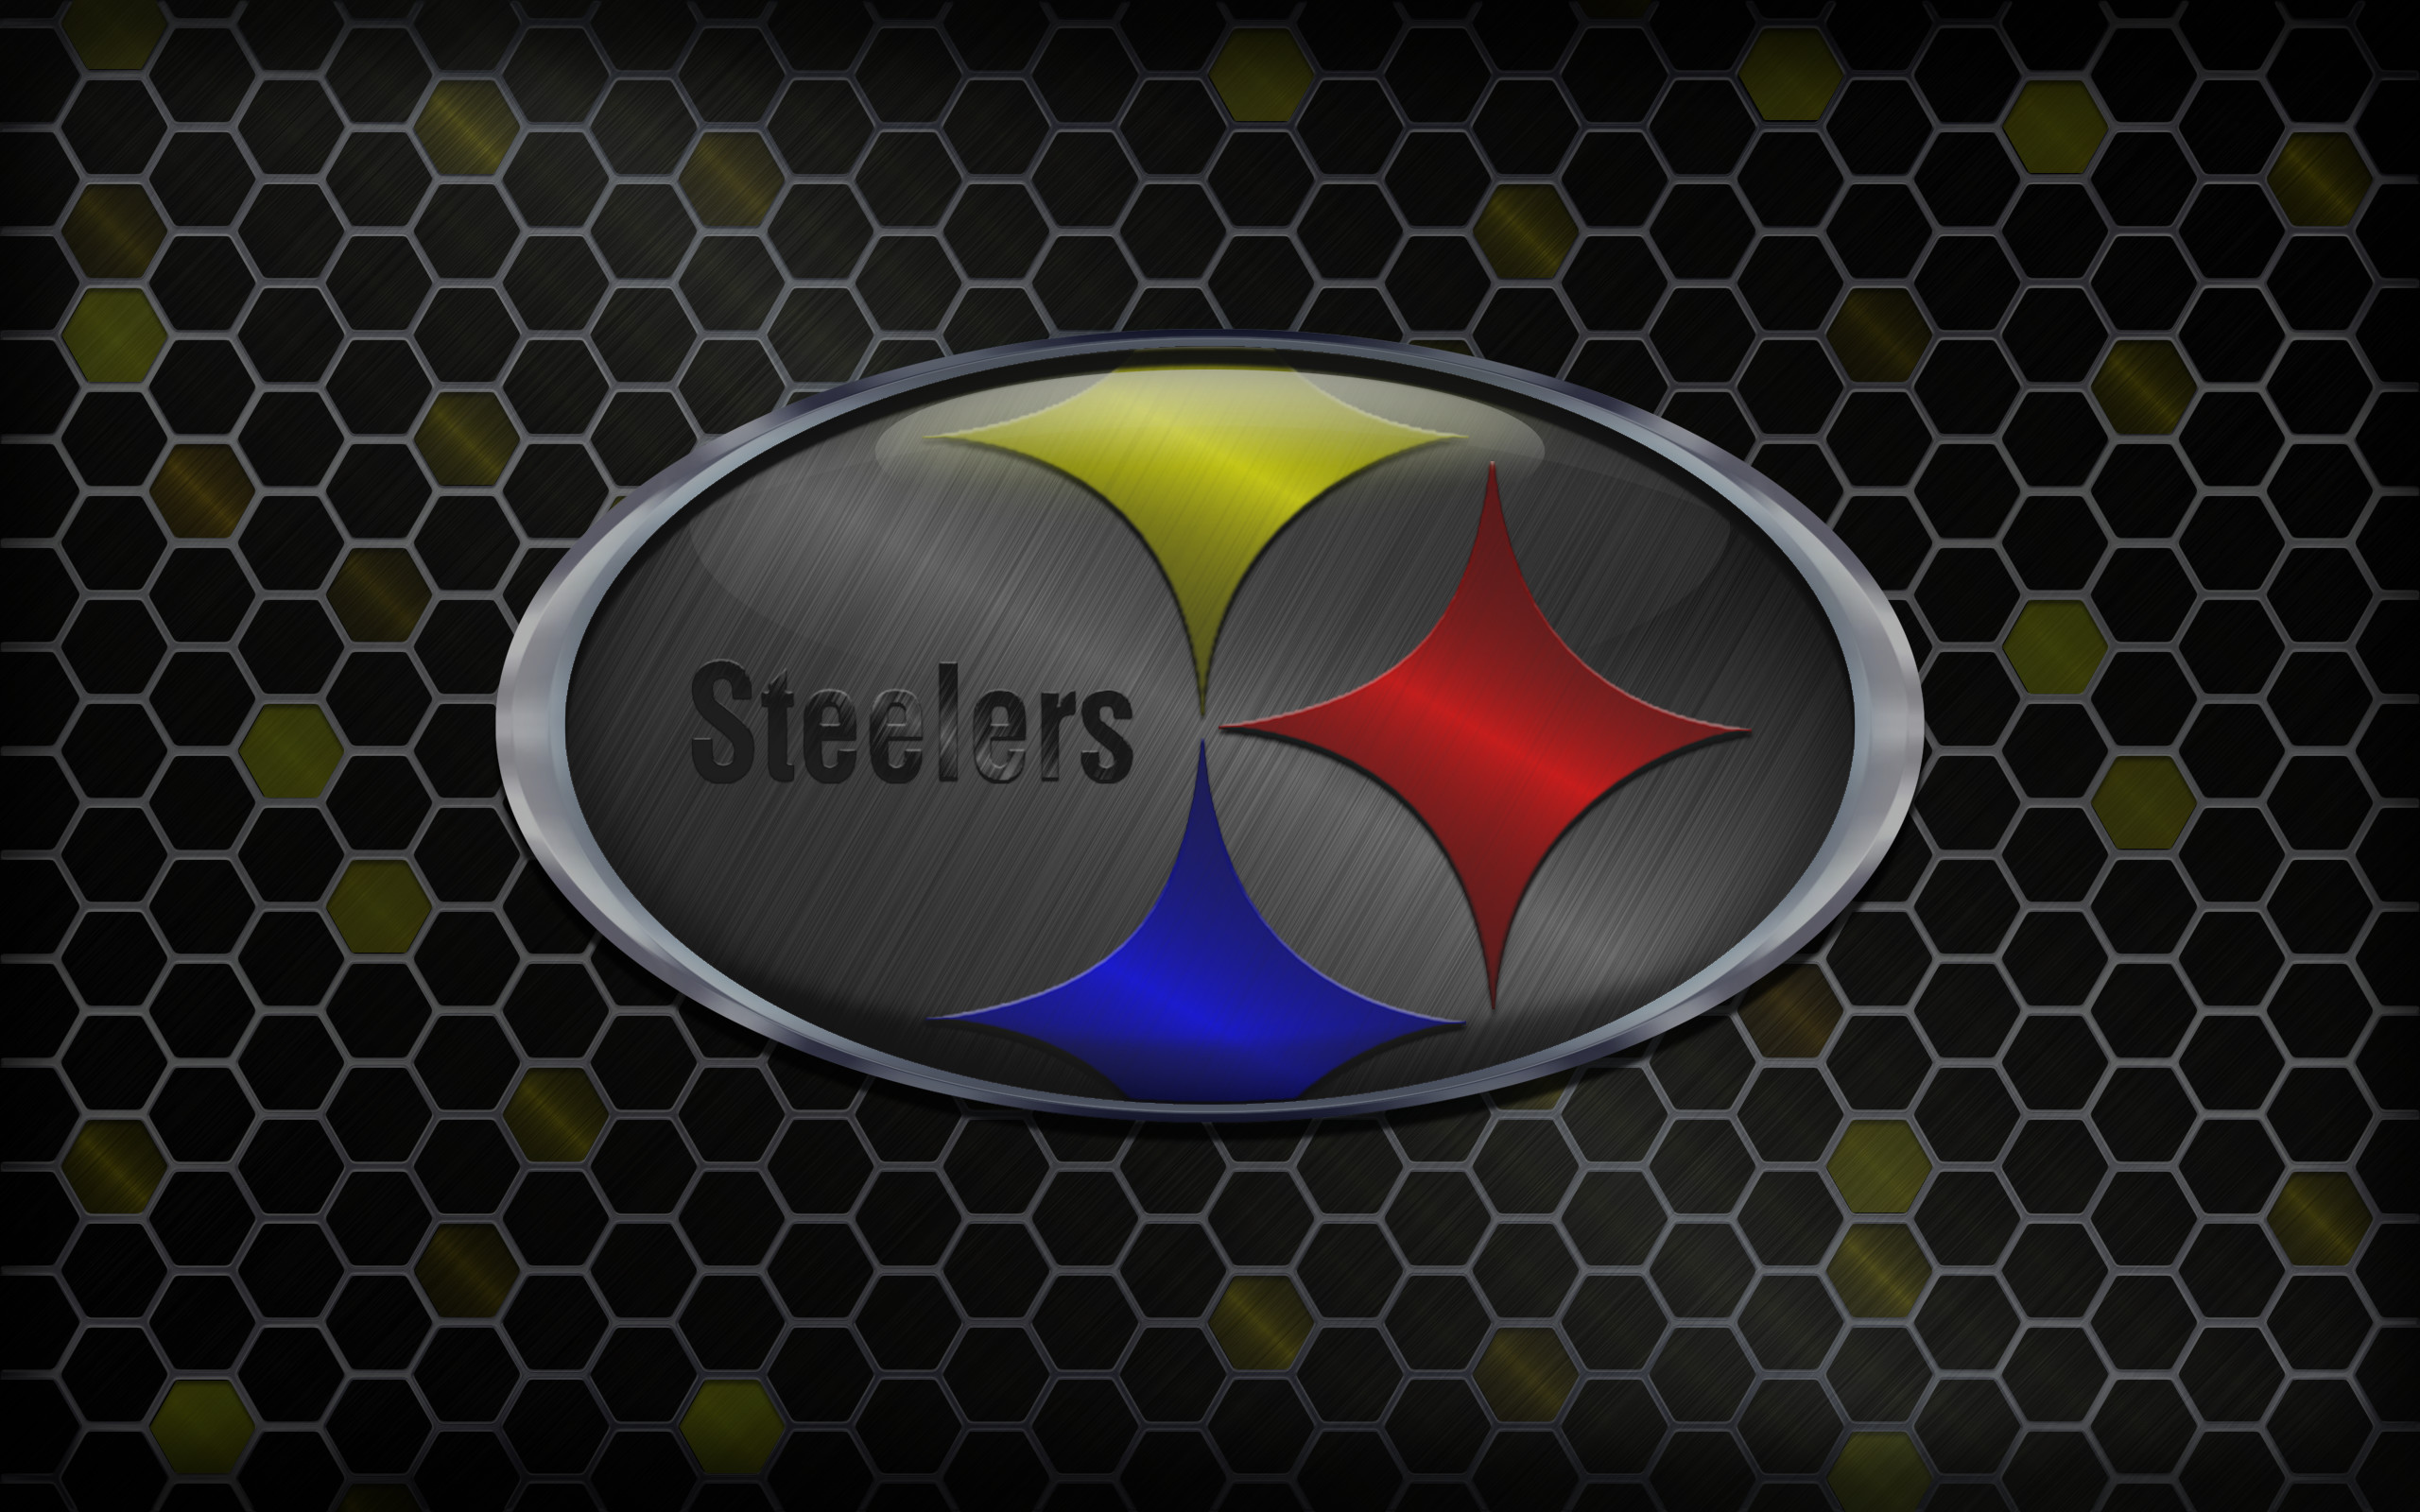 New England Patriots Iphone X Wallpaper 3d Nfl Football Wallpaper 51 Images